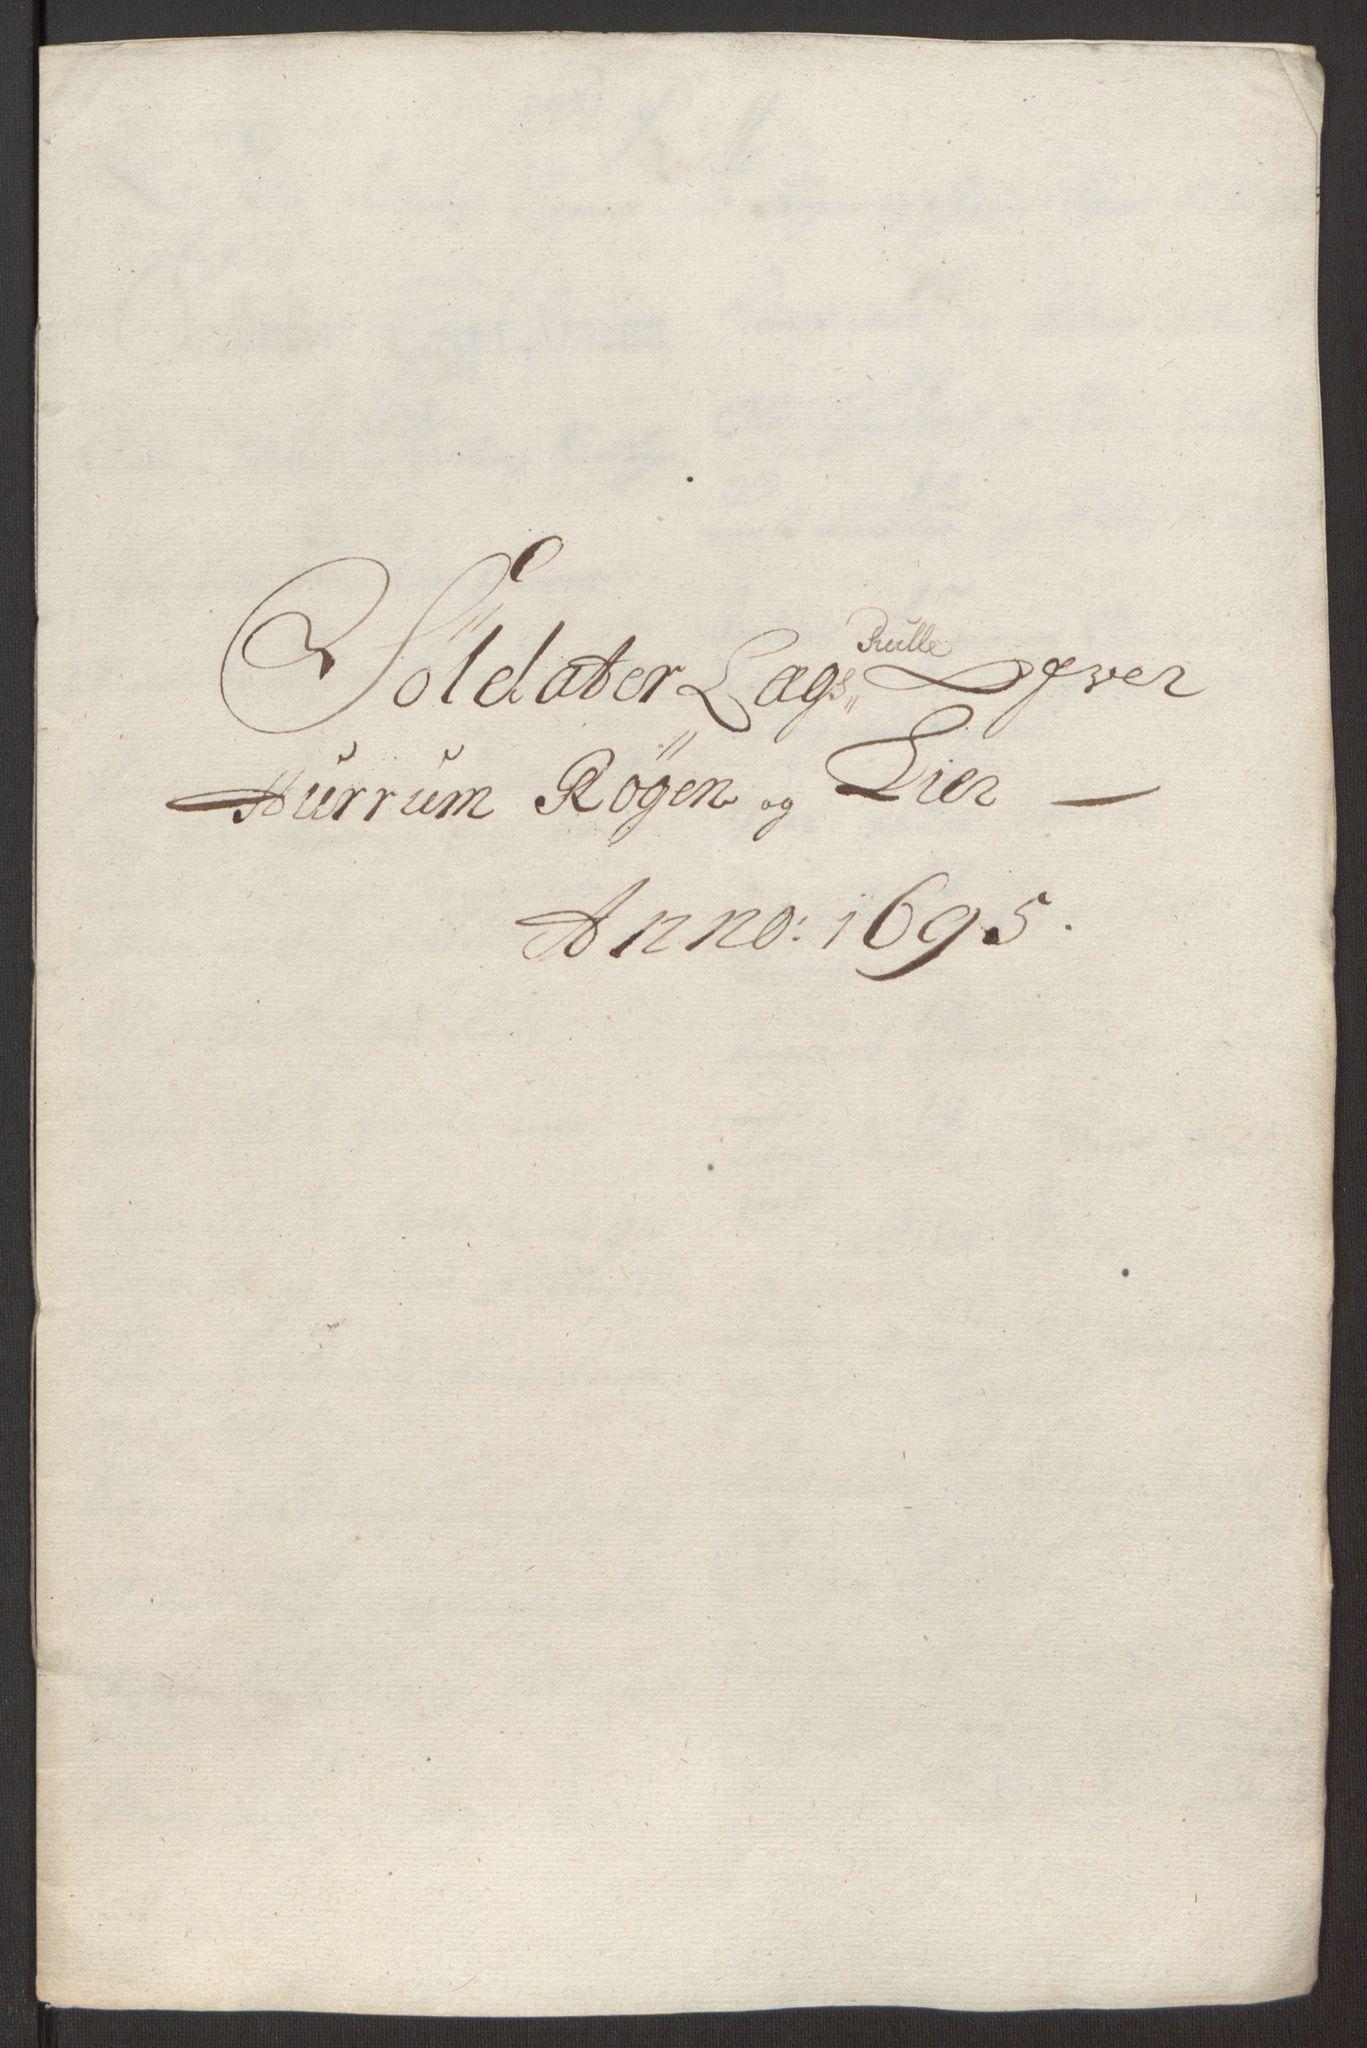 RA, Rentekammeret inntil 1814, Reviderte regnskaper, Fogderegnskap, R30/L1694: Fogderegnskap Hurum, Røyken, Eiker og Lier, 1694-1696, s. 273